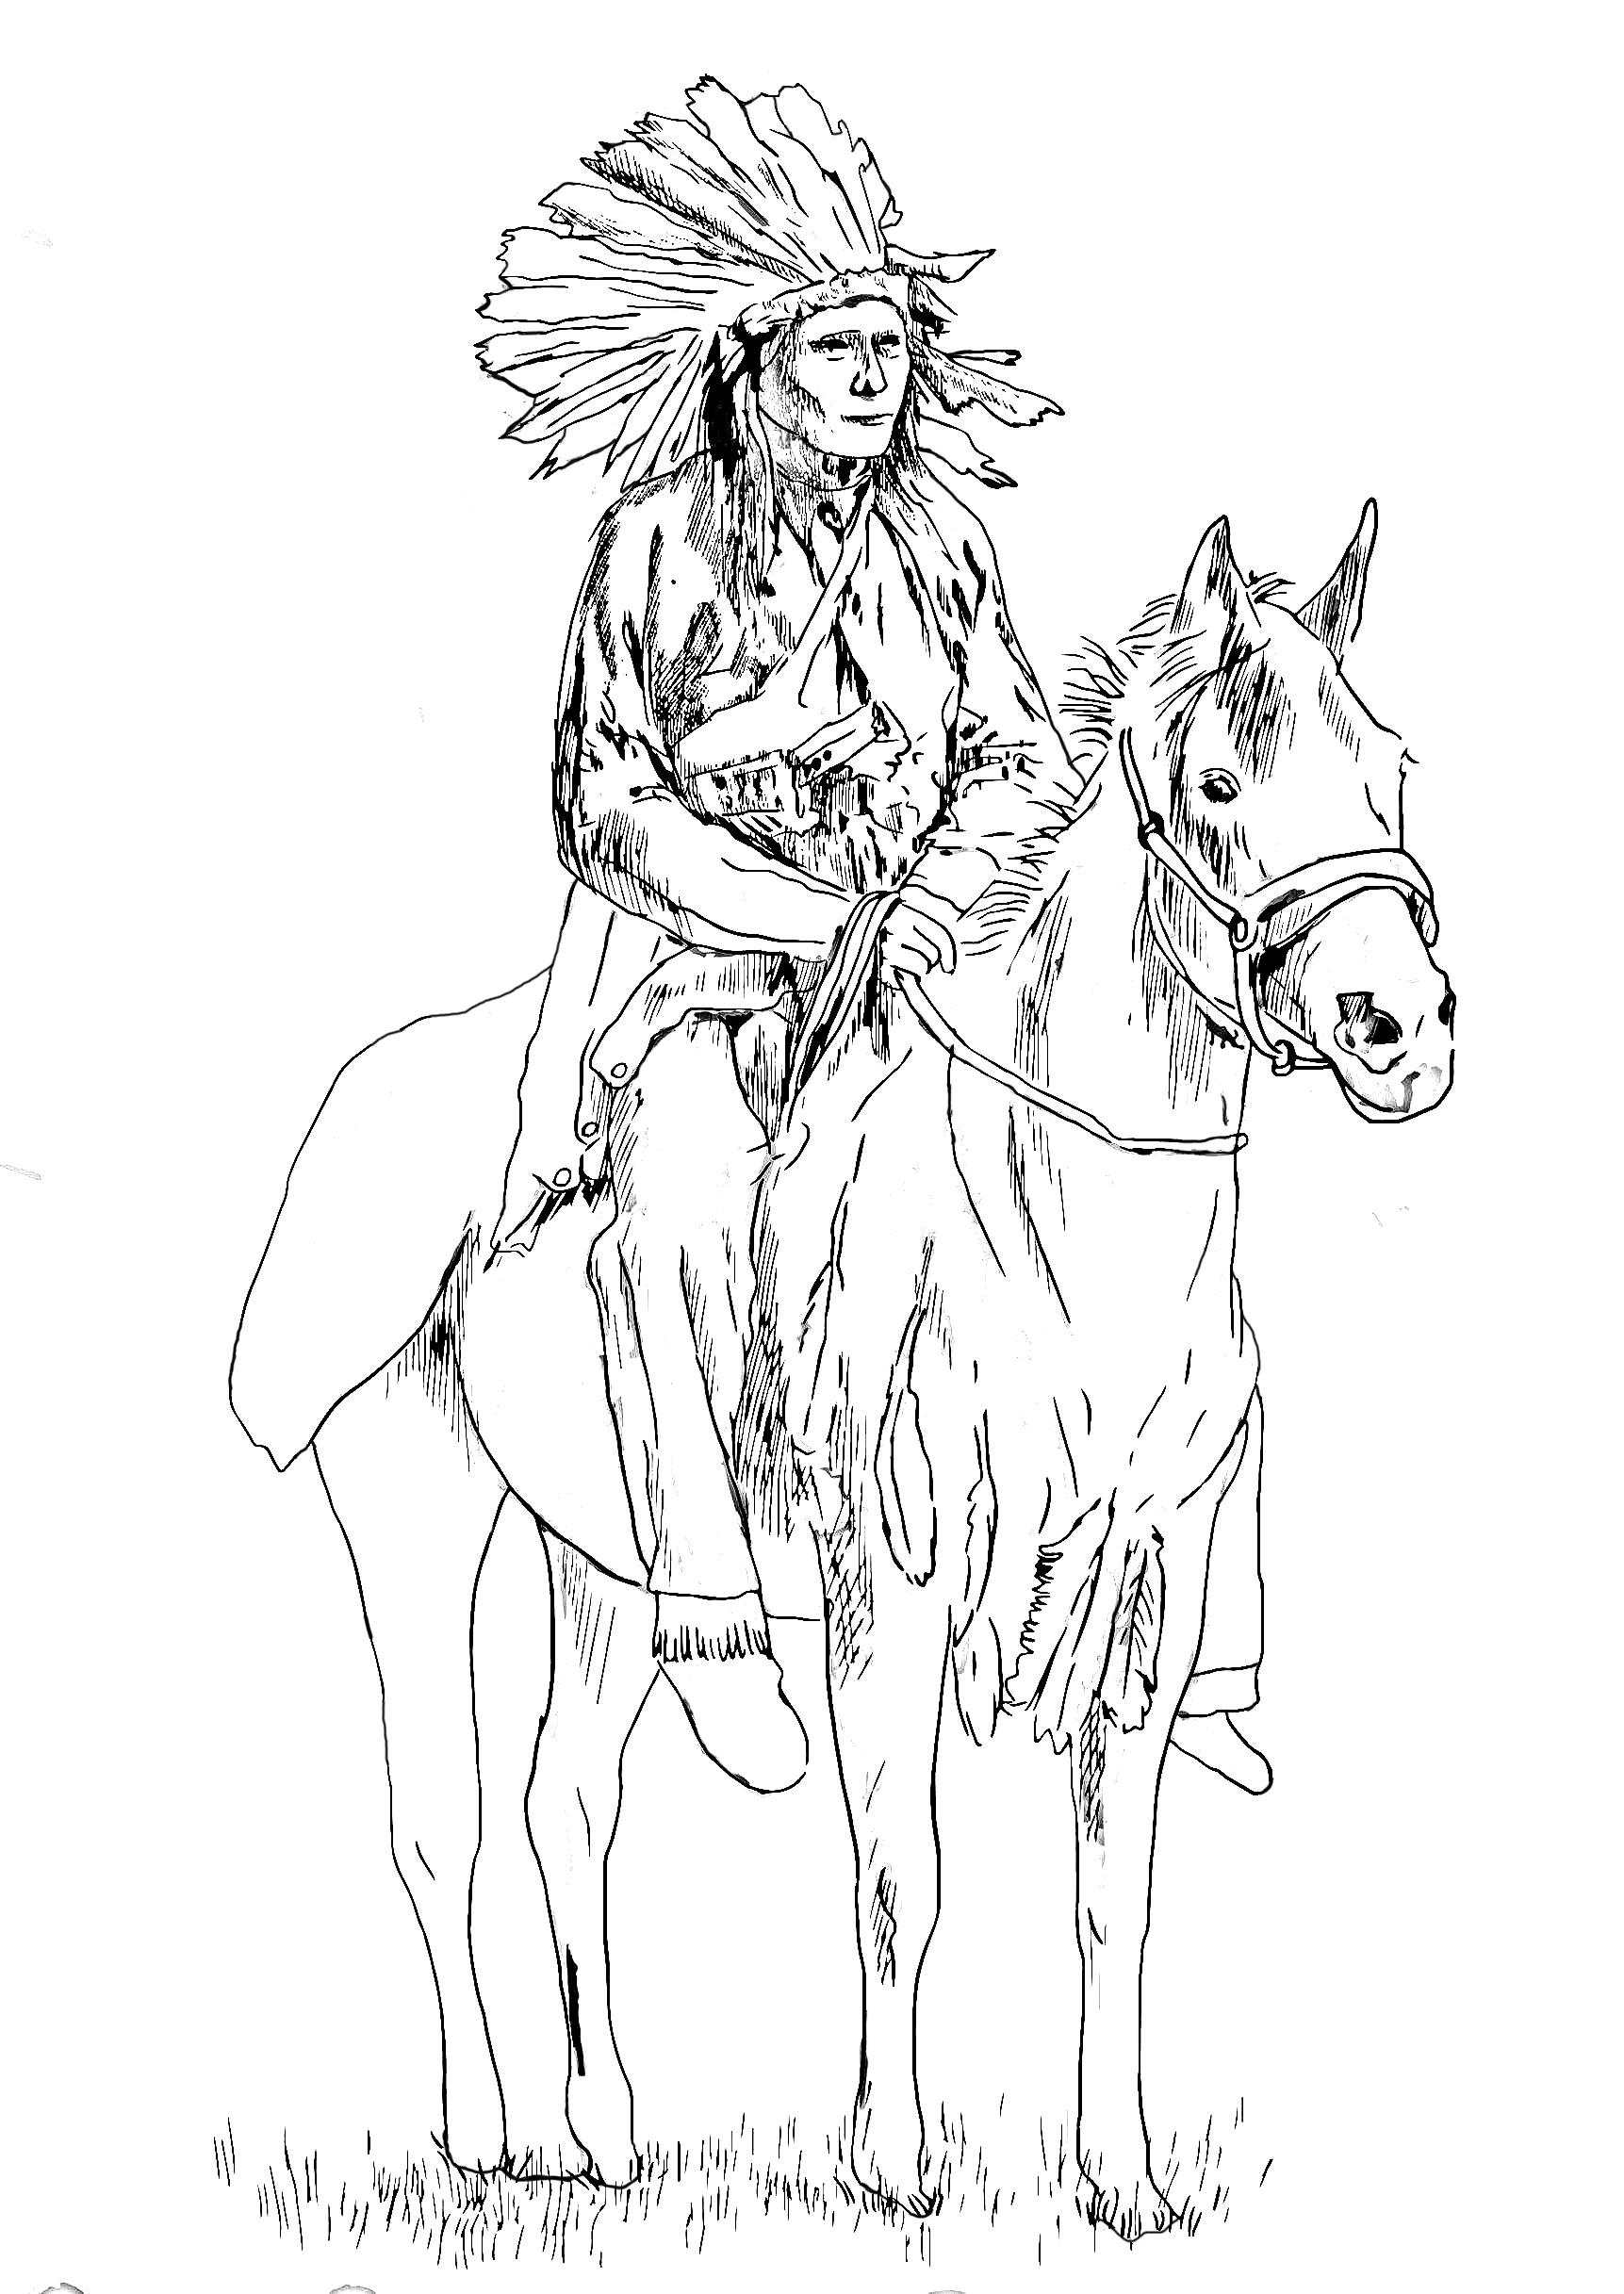 Indiano damerica disegni da colorare per adulti for Disegni di lupi da colorare